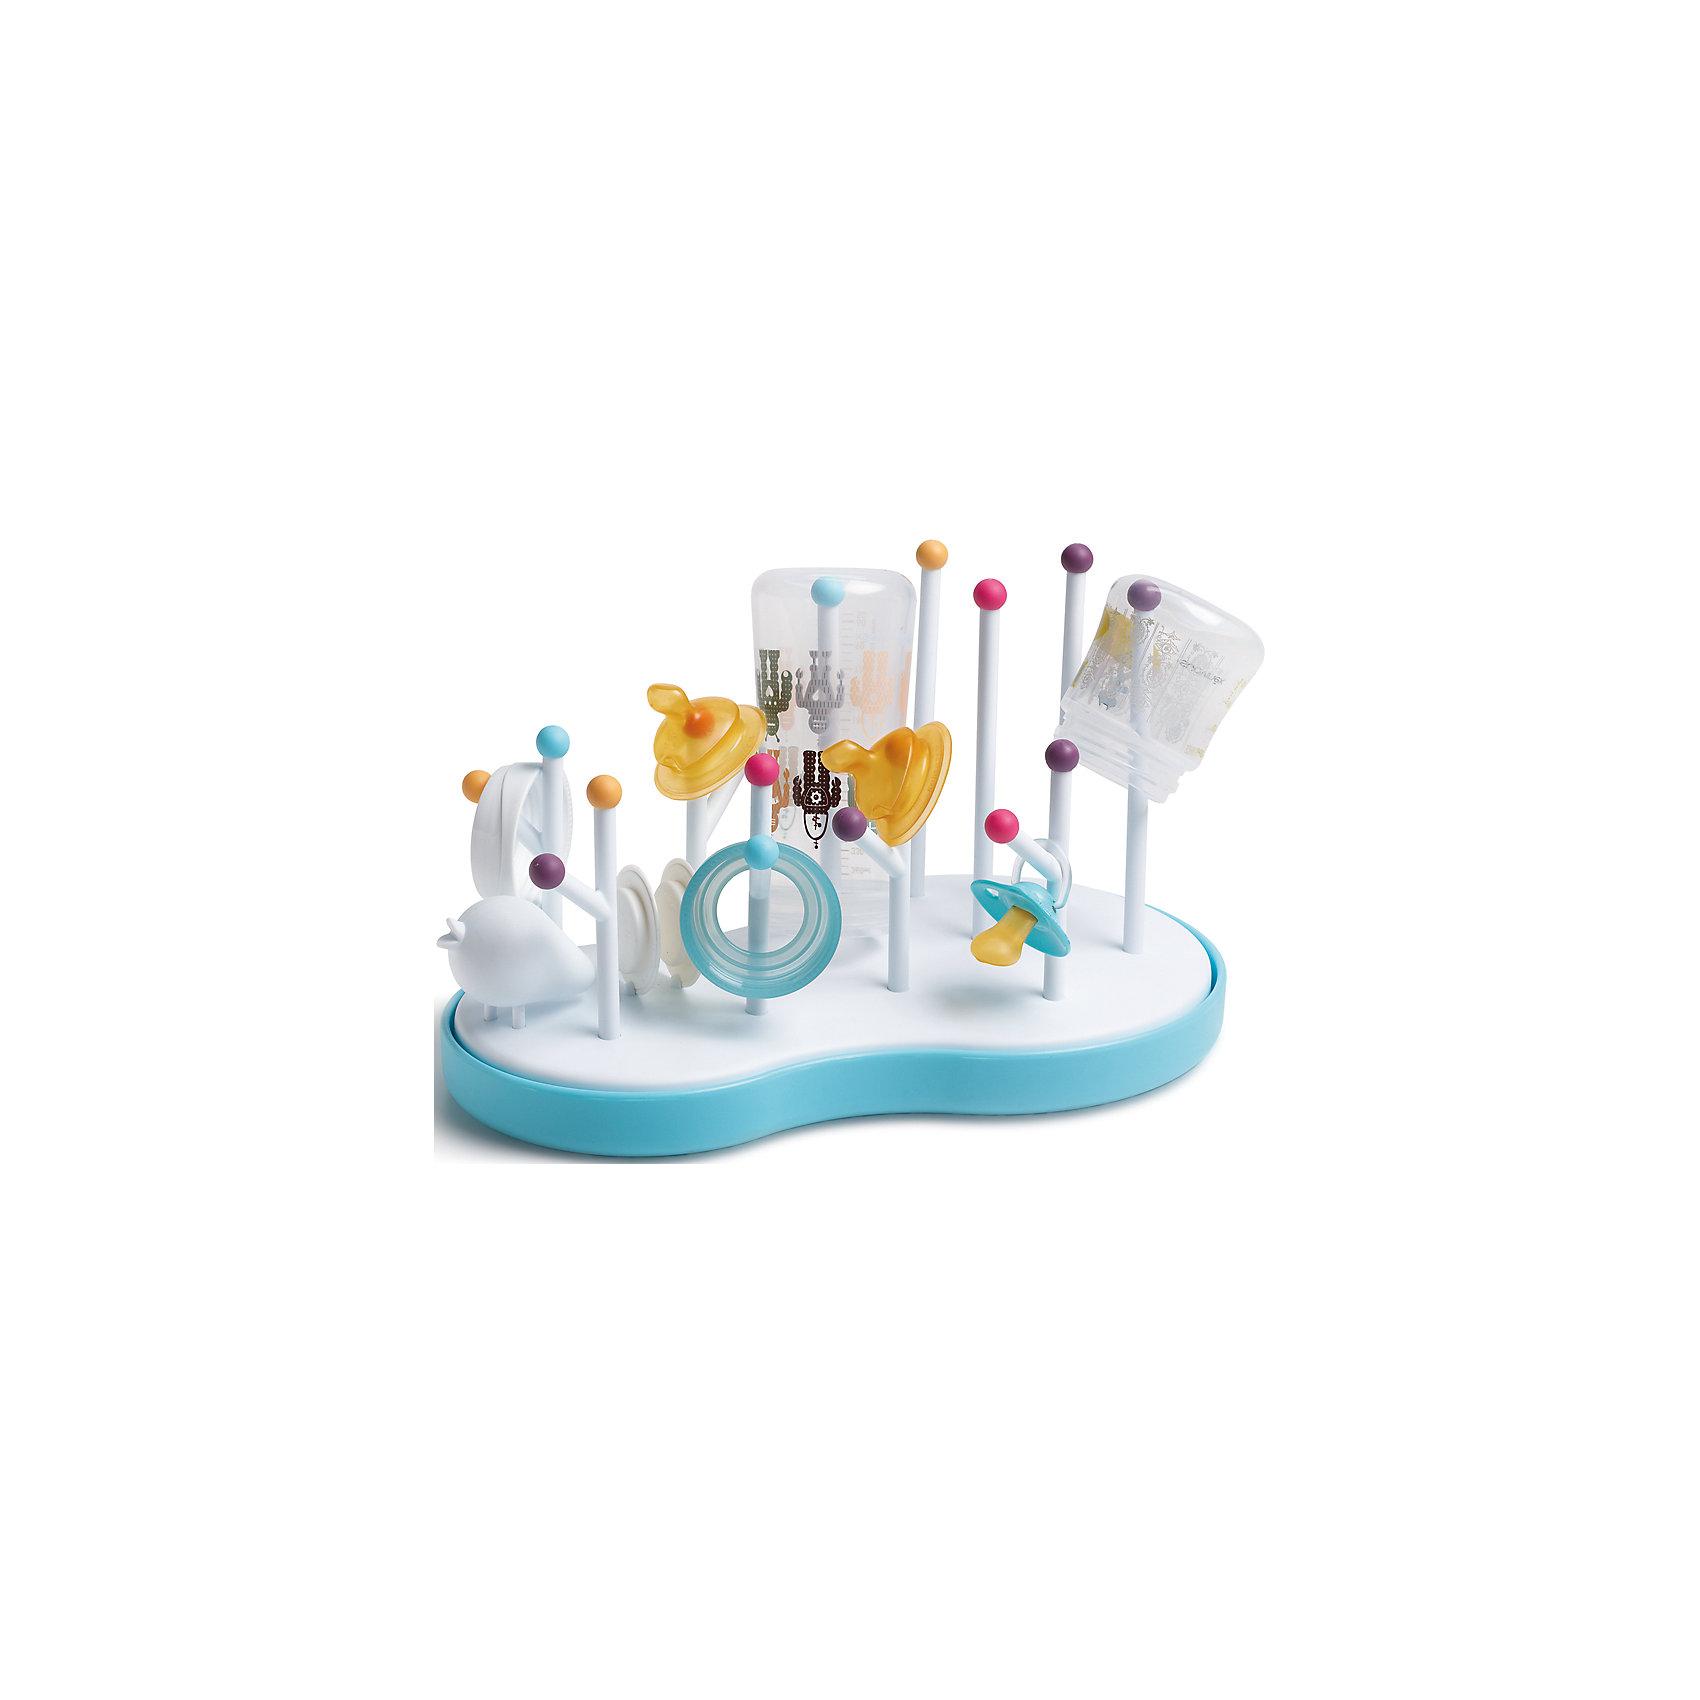 Подставка для сушки бутылок/сосок, SuavinexБутылочки и аксессуары<br>Характеристики:<br><br>• Наименование: подставка для сушки<br>• Материал: пластик<br>• Пол: универсальный<br>• Цвет: белый, голубой, оранжевый, розовый<br>• Рисунок: птички<br>• Можно использовать в посудомоечной машине<br>• Вес: 400 г<br>• Параметры (Д*Ш*В): 8*35*22 см <br>• Особенности ухода: сухая и влажная чистка<br><br>Подставка для сушки бутылок/сосок, Suavinex изготовлена испанским торговым брендом, специализирующимся на выпуске товаров для кормления и аксессуаров новорожденным и младенцам. Изделие выполнено из экологически безопасного пластика, устойчивого к повреждениям и появлению царапин. <br><br>Конструкция подставки имеет изогнутую поверхность, что препятствует сбору воды, на подставке предусмотрены держатели разной высоты: для бутылочек, сосок и других аксессуаров. Подставка для сушки бутылок/сосок, Suavinex имеет брендовый дизайн: яркие защитные шарики на концах держателей и фигурка птички делают его ярким и стильным кухонным аксессуаром.<br><br>Подставку для сушки бутылок/сосок, Suavinex можно купить в нашем интернет-магазине.<br><br>Ширина мм: 80<br>Глубина мм: 350<br>Высота мм: 220<br>Вес г: 400<br>Возраст от месяцев: 0<br>Возраст до месяцев: 24<br>Пол: Унисекс<br>Возраст: Детский<br>SKU: 5451324